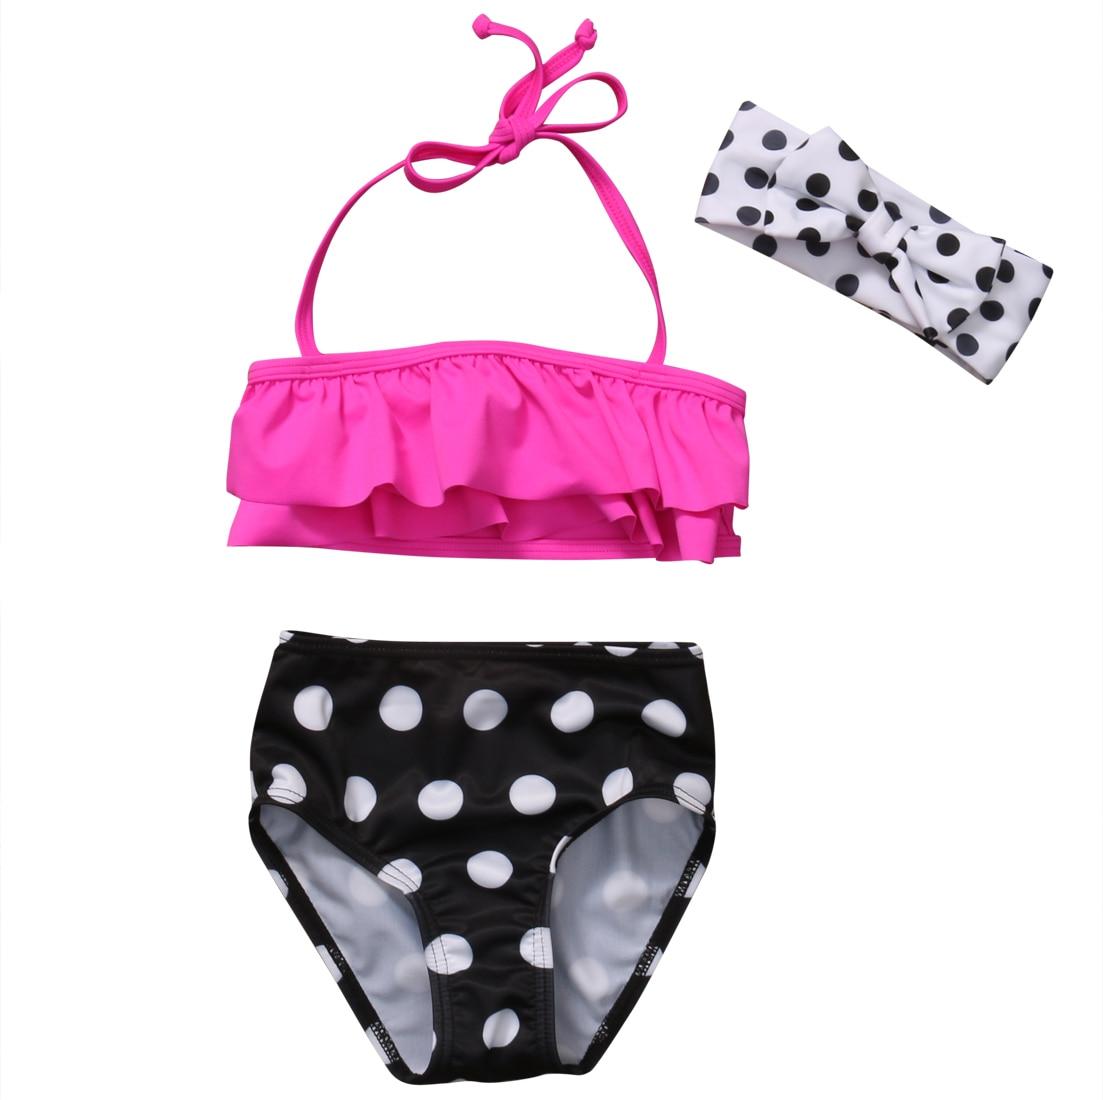 3beb733776 Kids Infantil Toddler Baby Girls Bikini Suit Polka Dot Swimsuit Swimwear  Bathing Cute Swimming Clothes